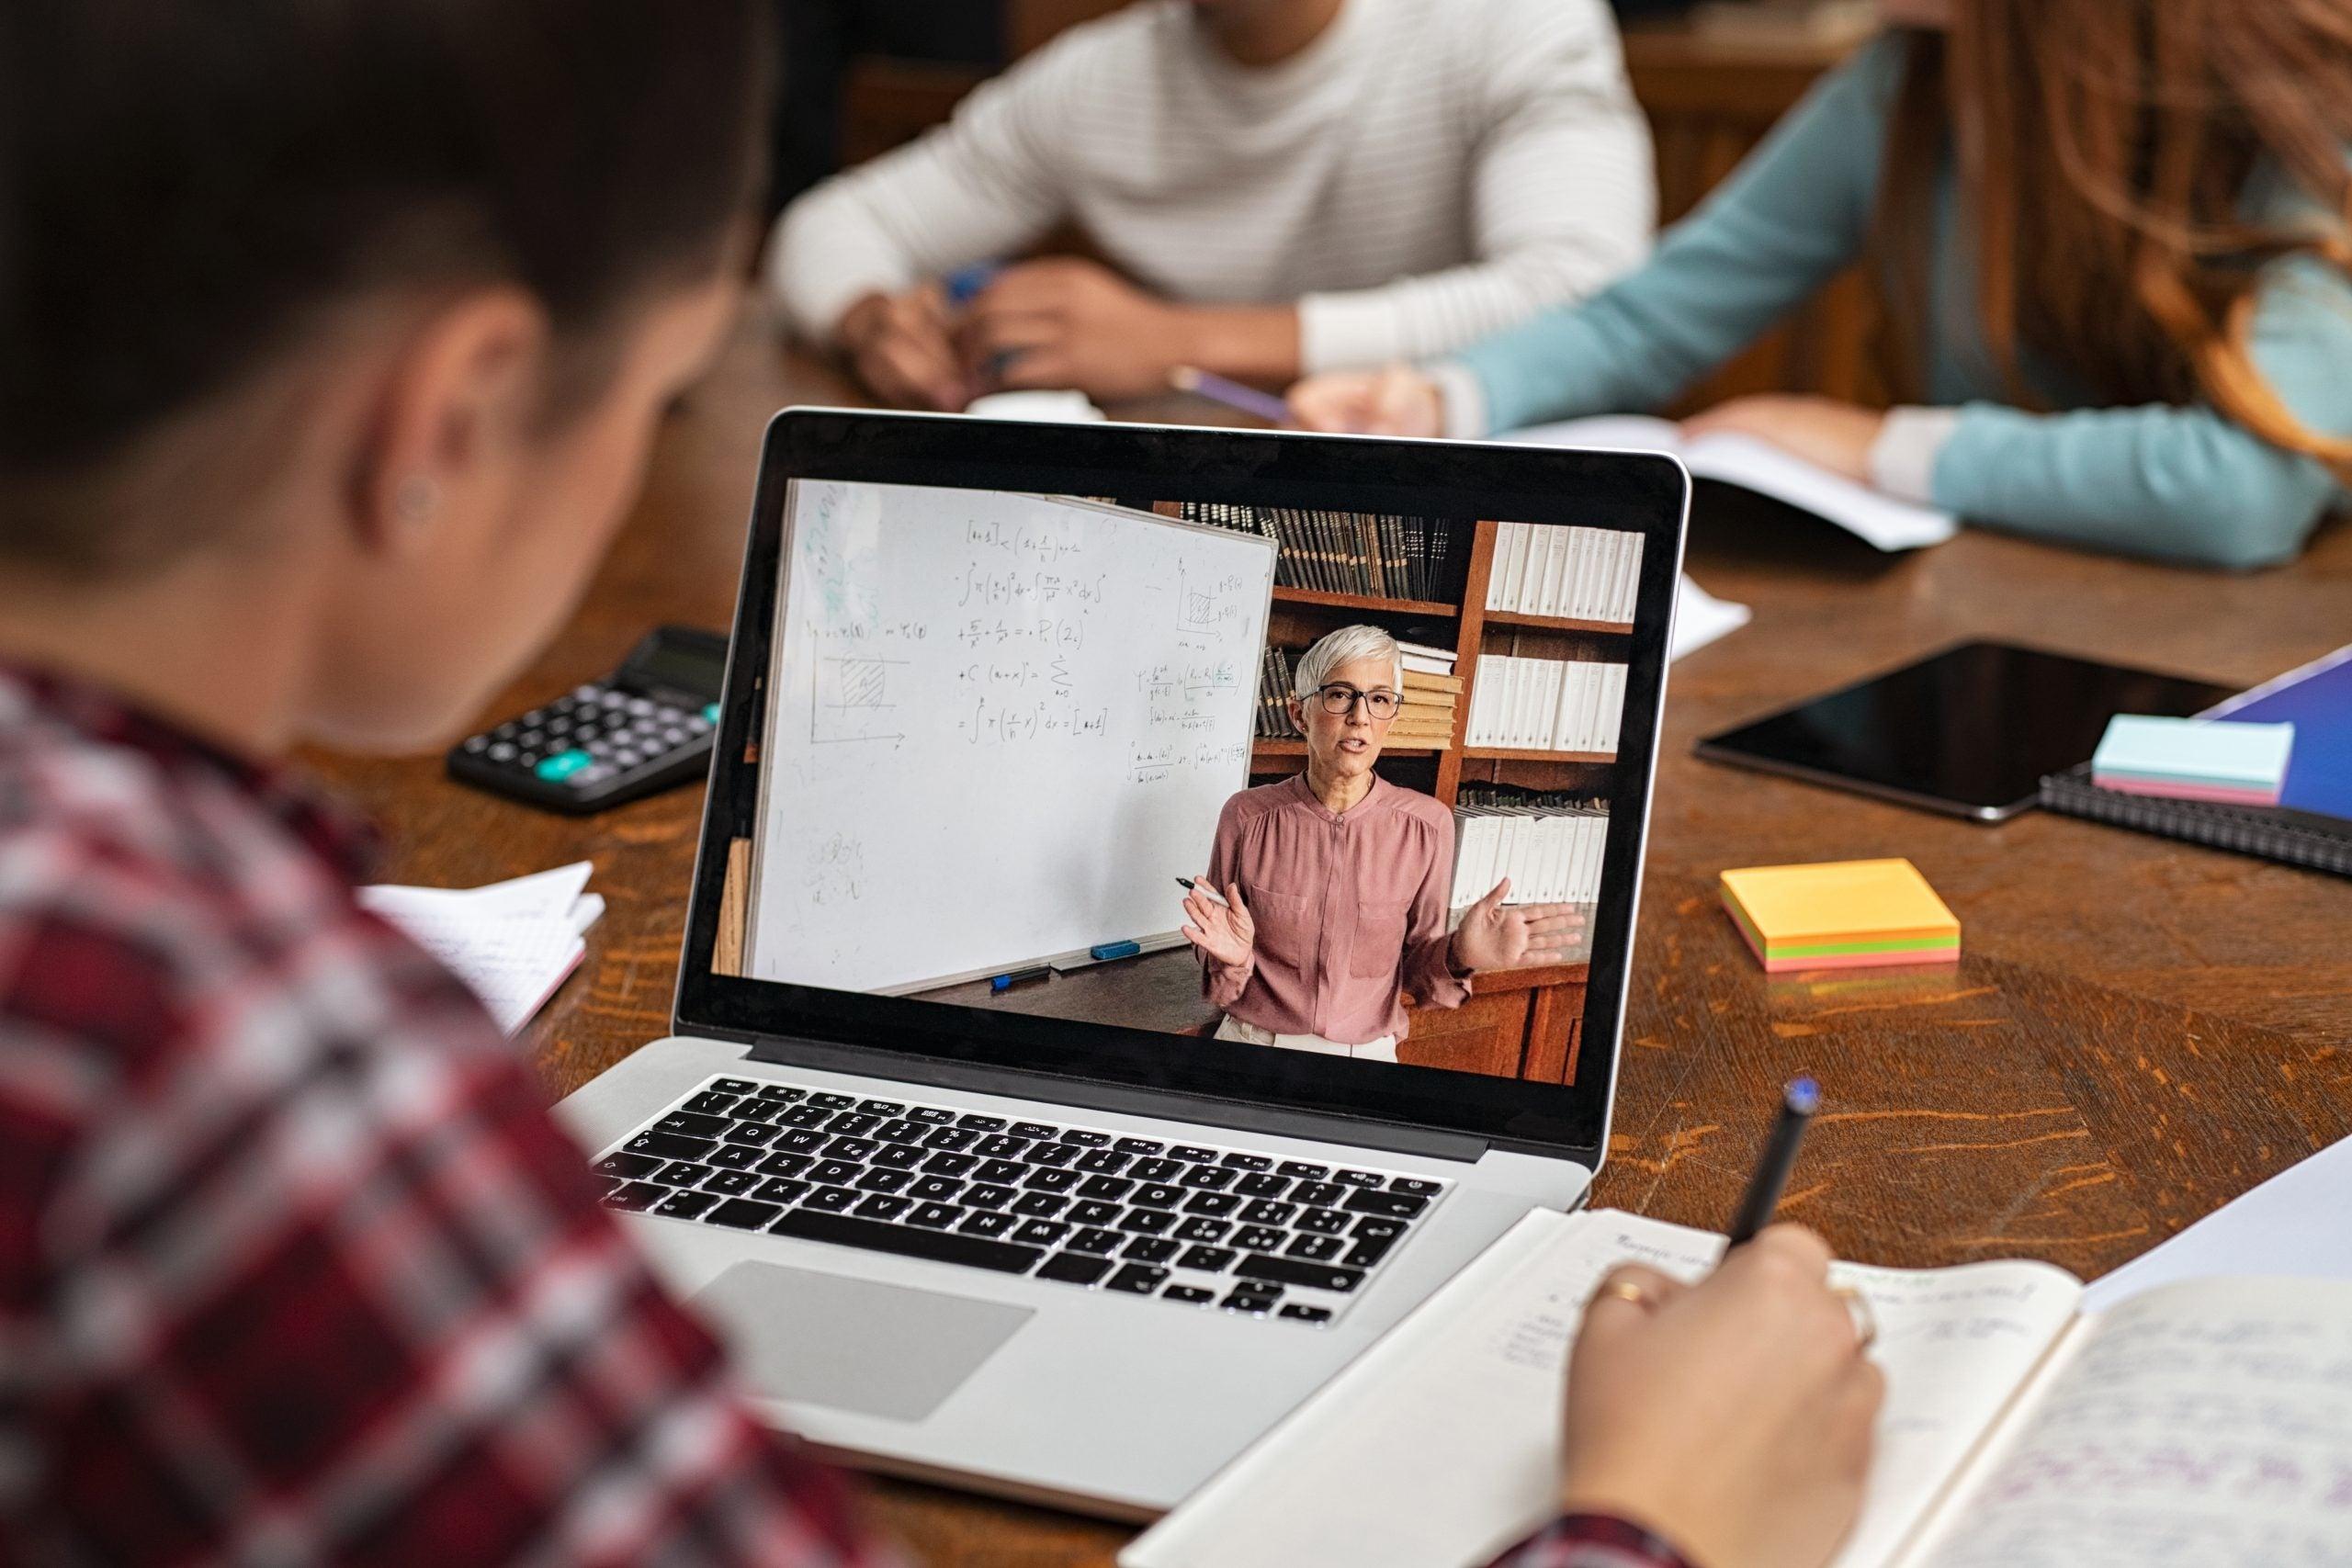 Bästa studentbärbar dator: Topp 10 studentböcker och konvertibler